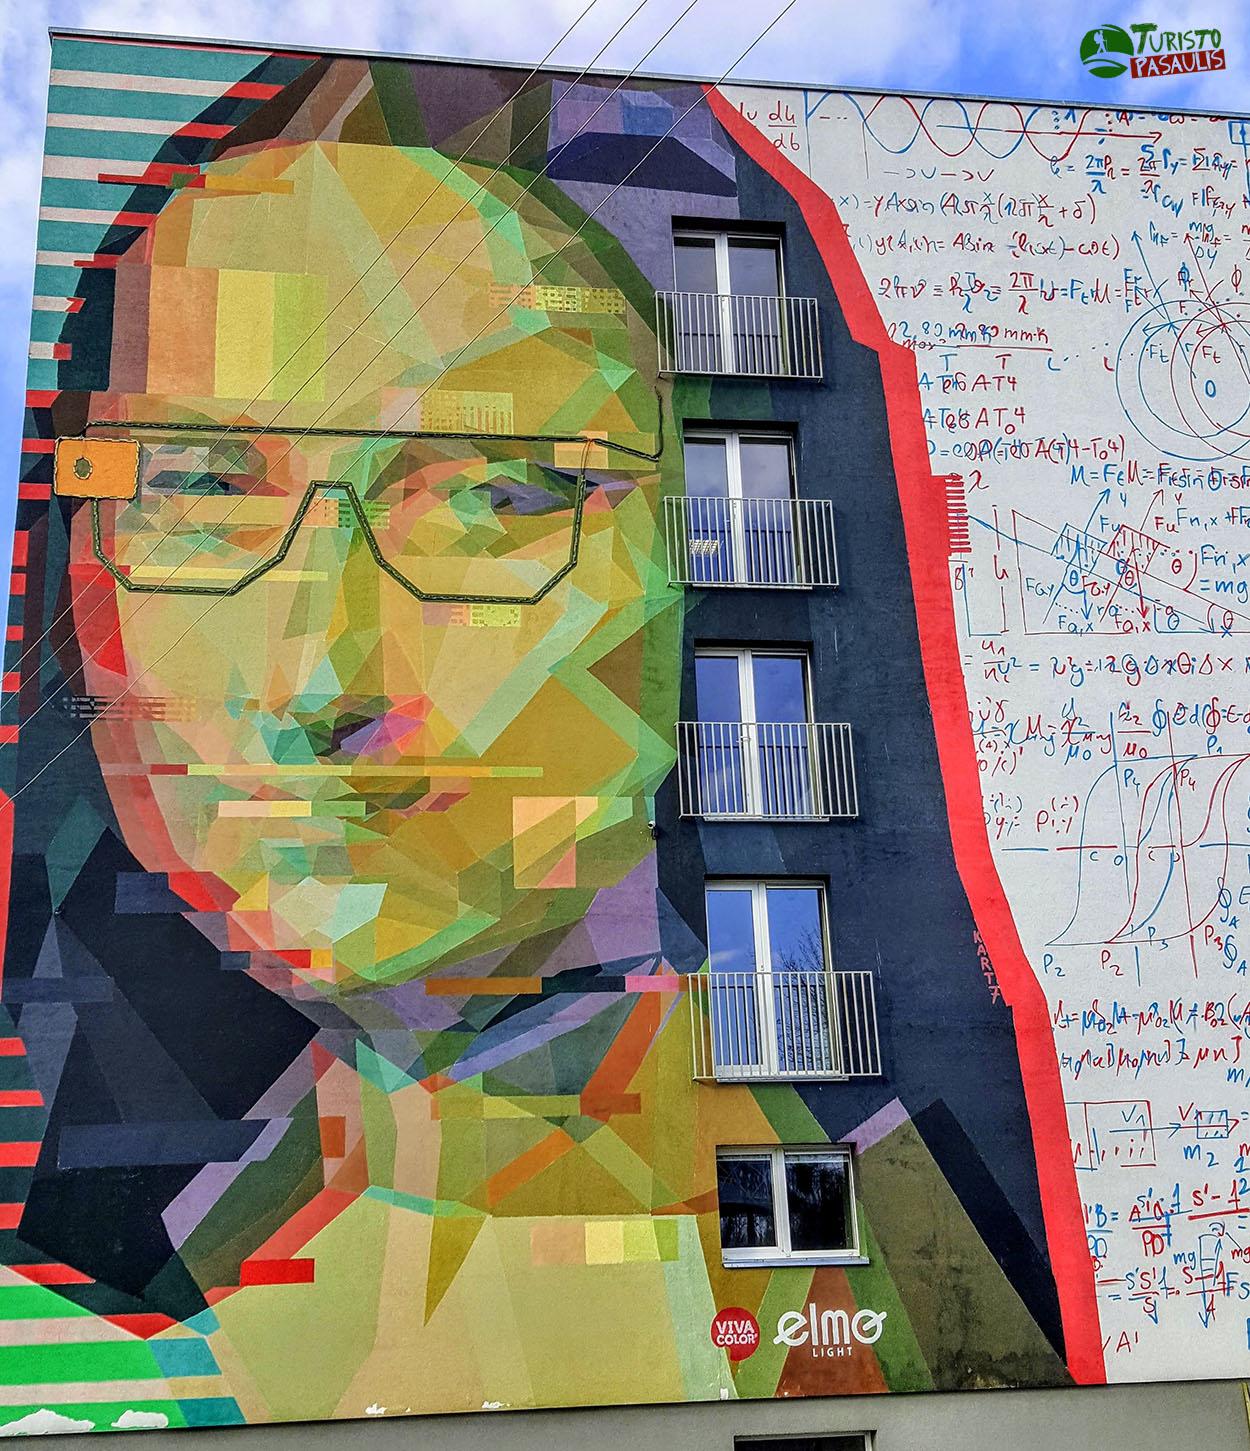 Graffiti Kaunas Mona Liza